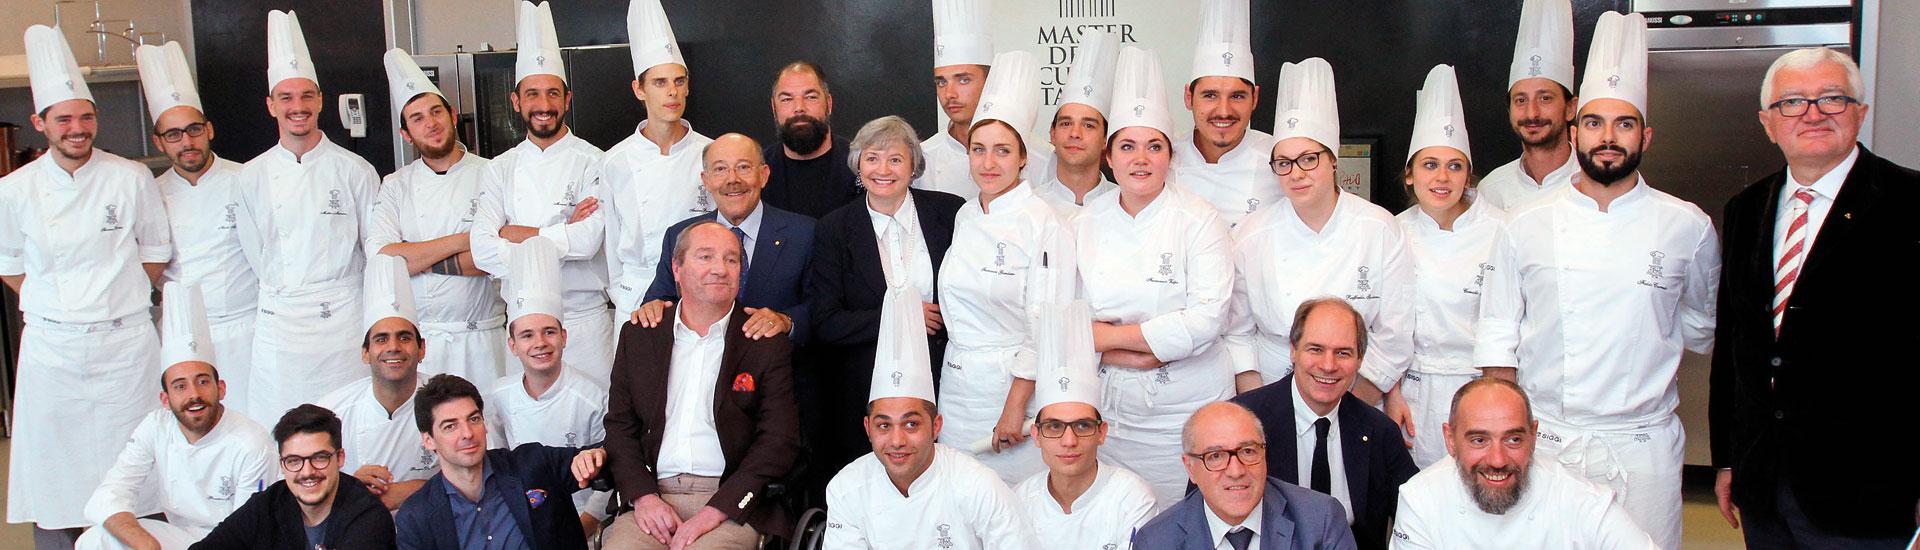 il master della cucina italiana 2016 zafferano